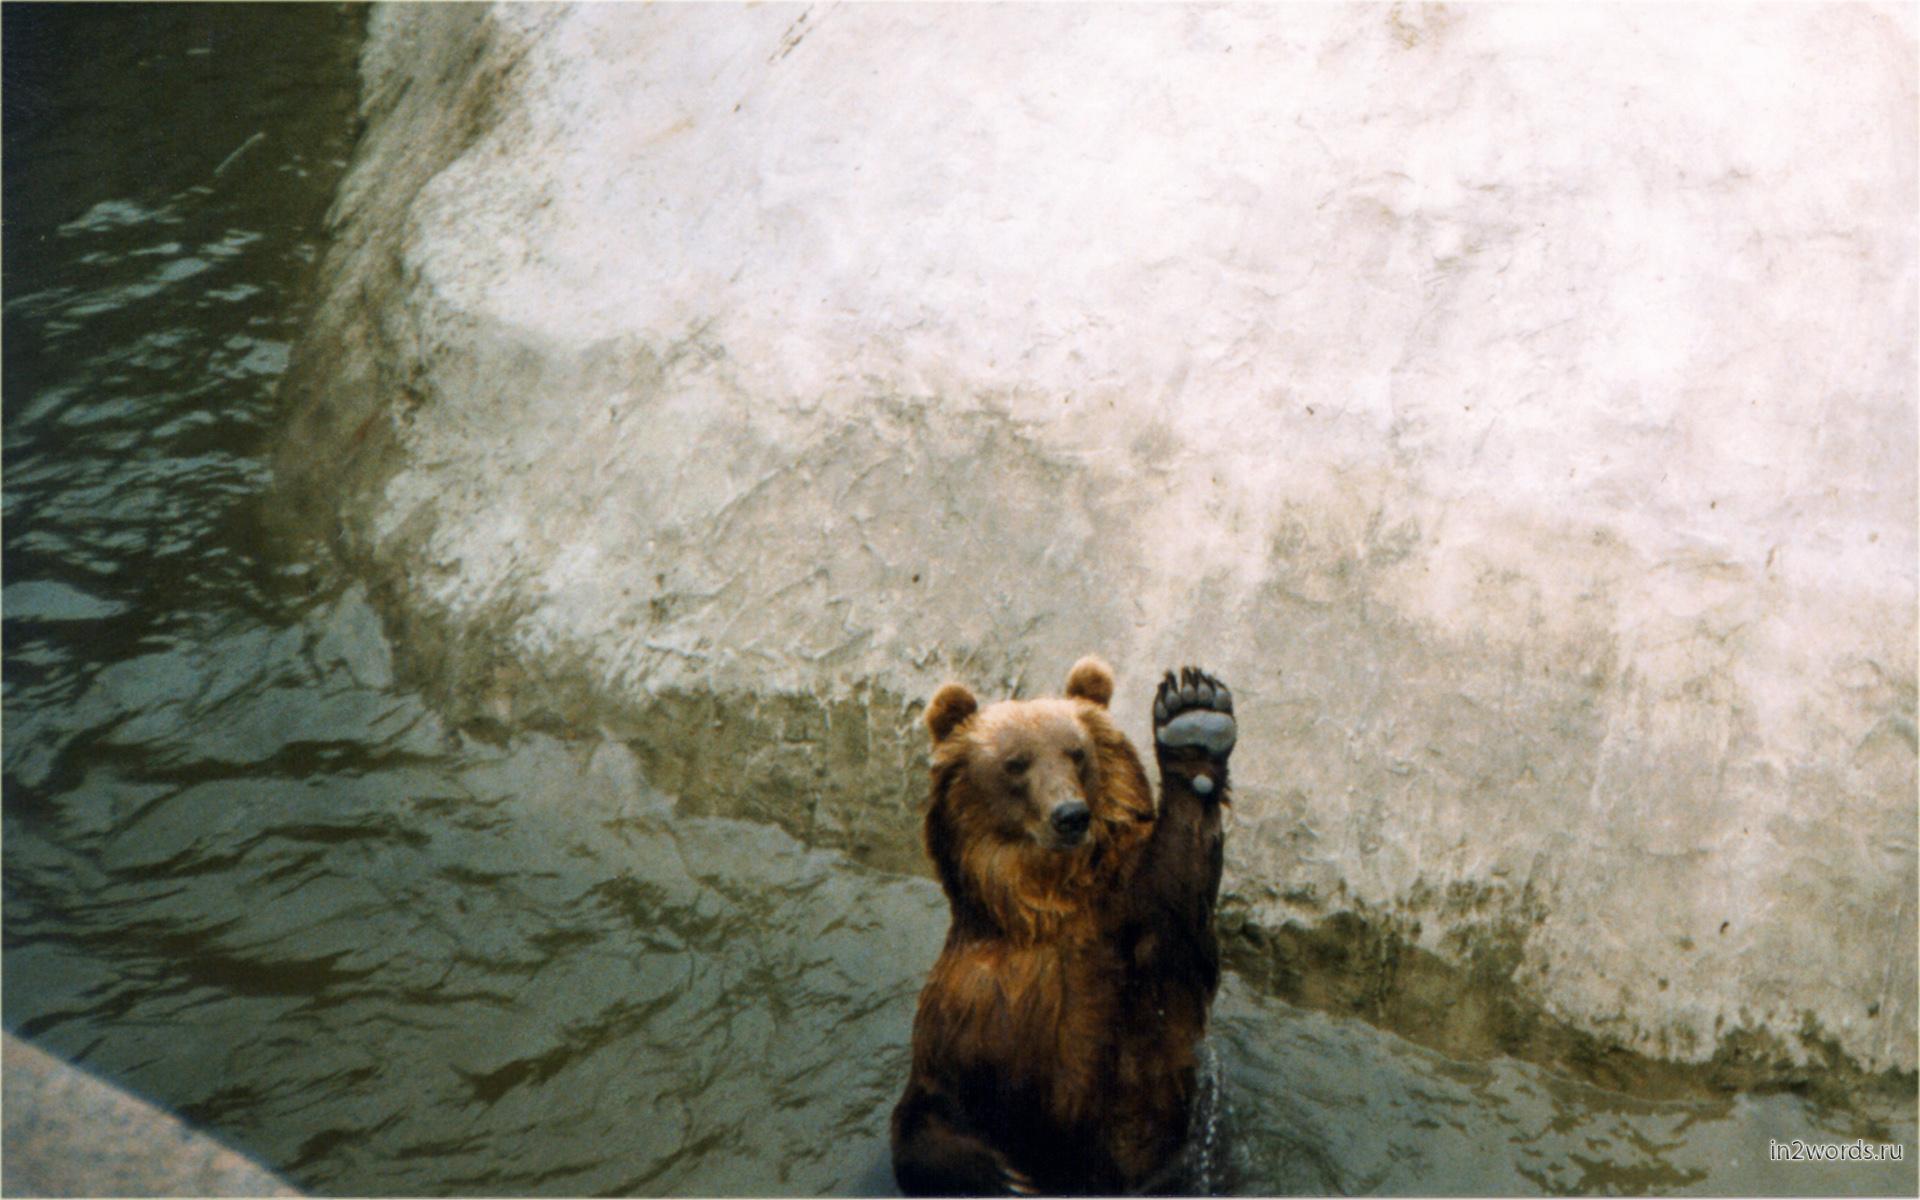 Приветливый медведь машет лапой